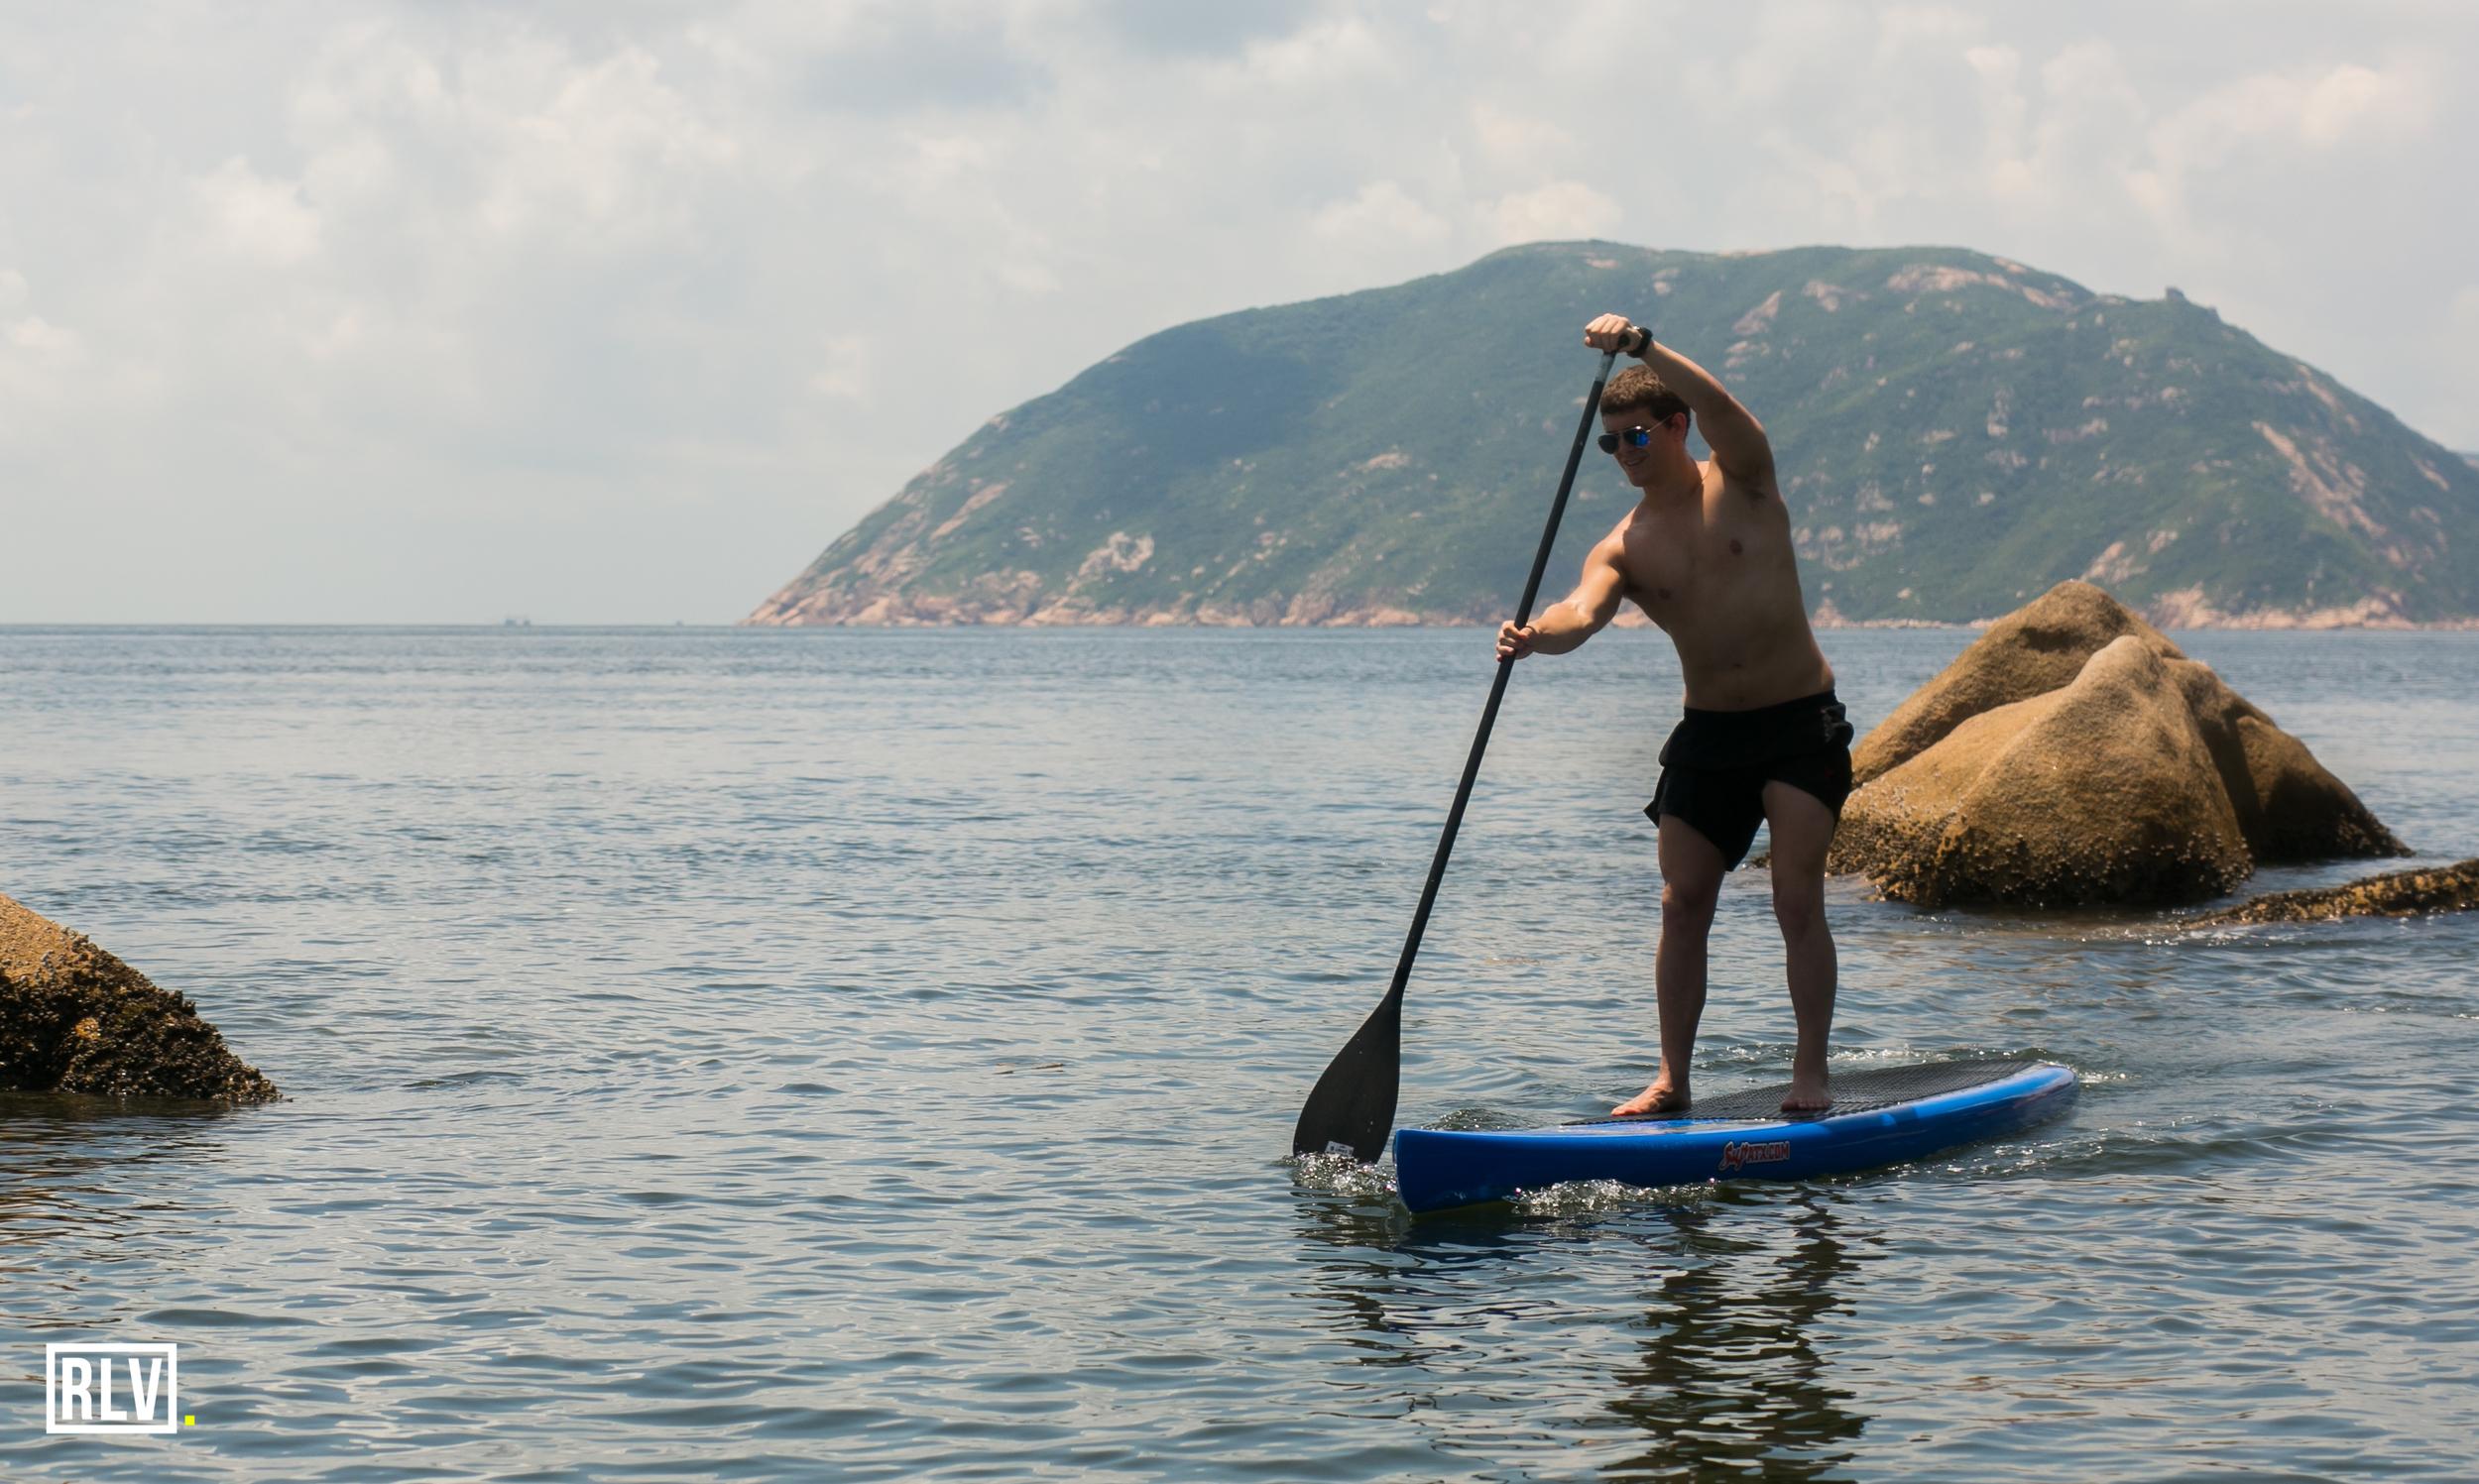 Steve West navigating over some shallow rocks.